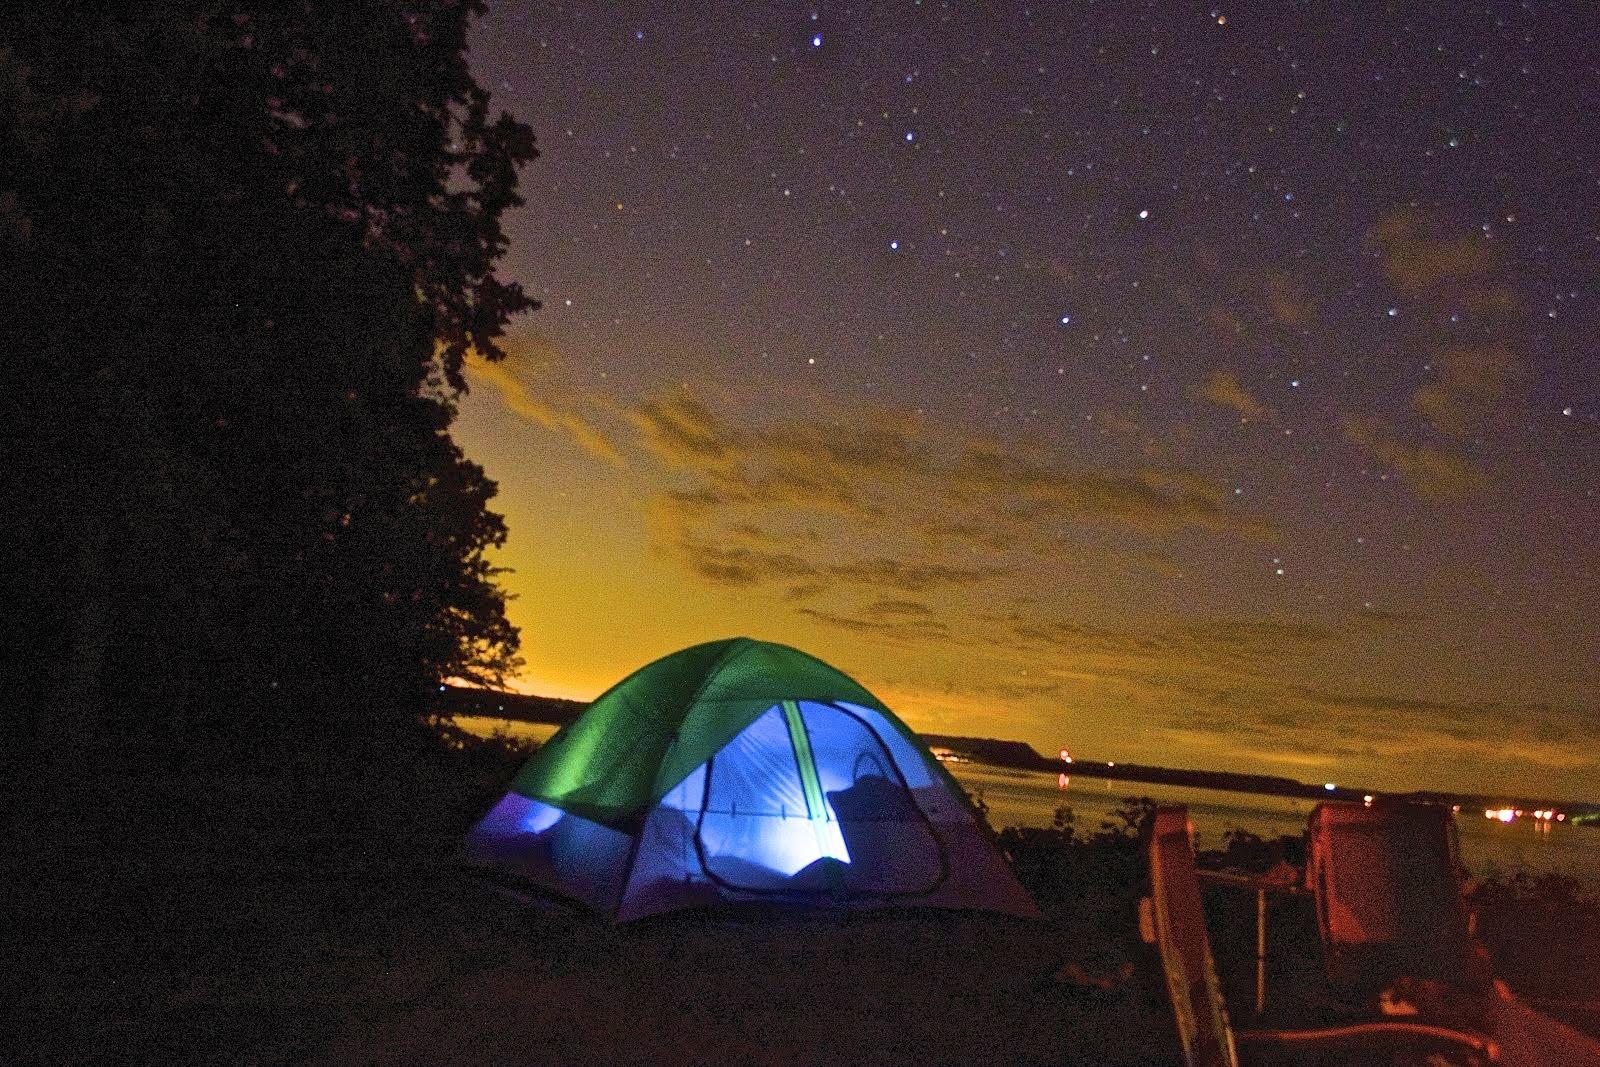 Camping under Ursa Major